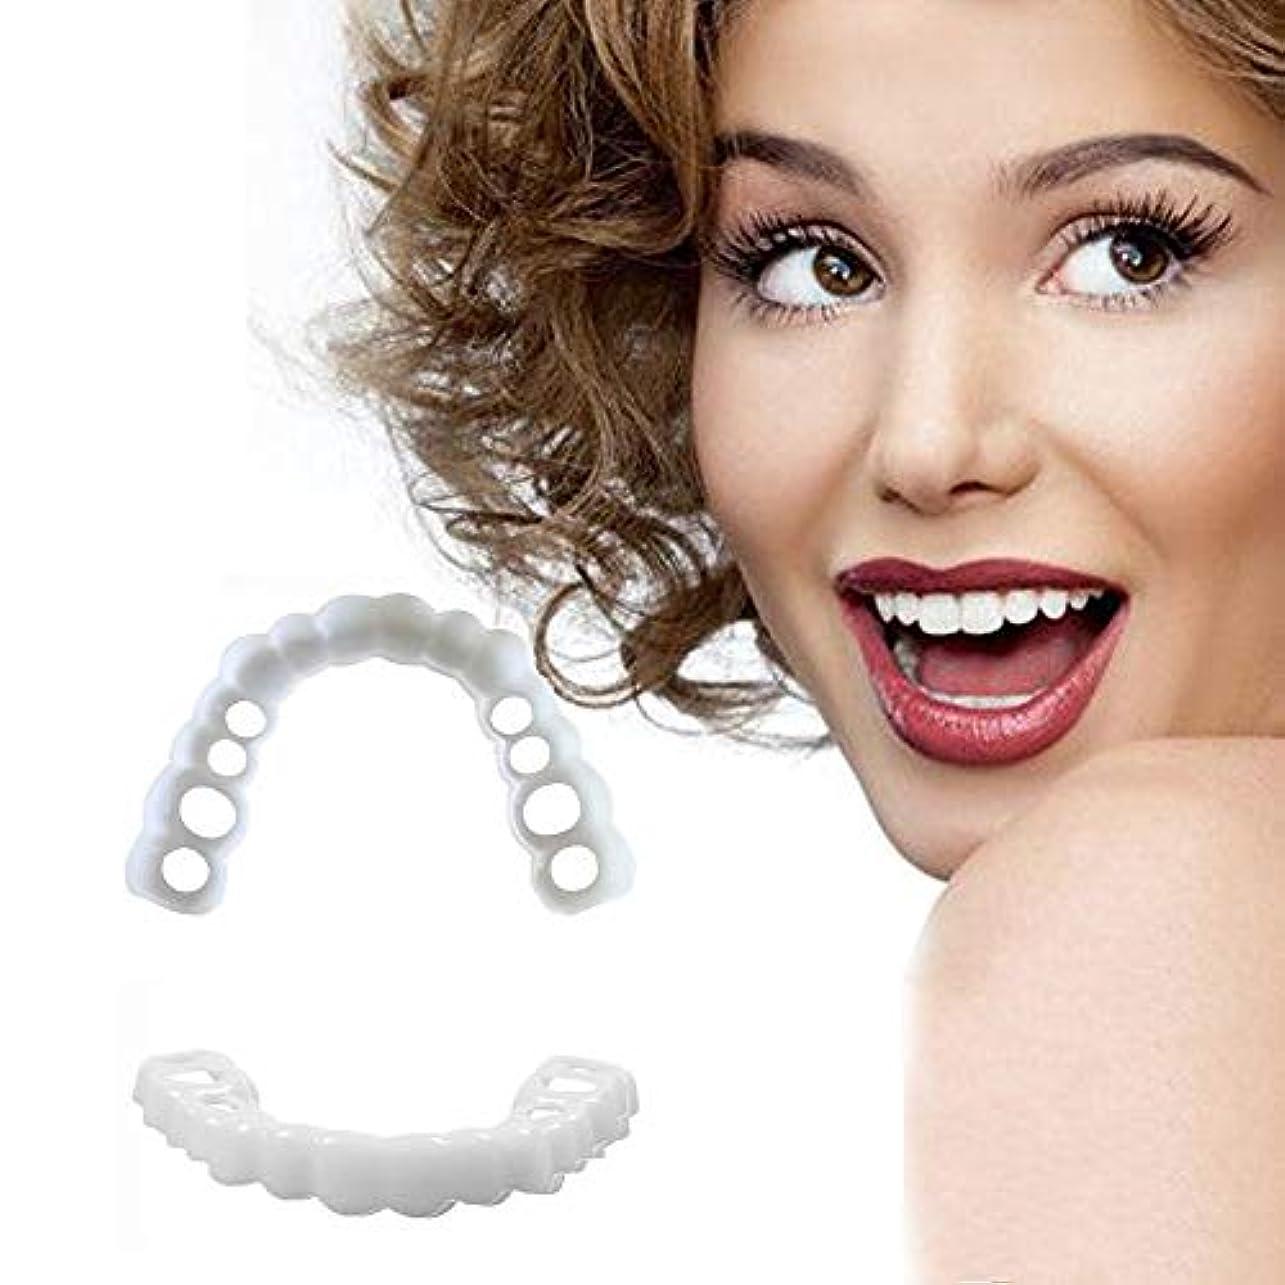 届ける怖がらせる患者1セット上下歯シミュレーションブラケット第二世代シリコーンシミュレーション義歯ホワイトニングセットパーフェクトスマイルベニアは皆のためです,6Pairs